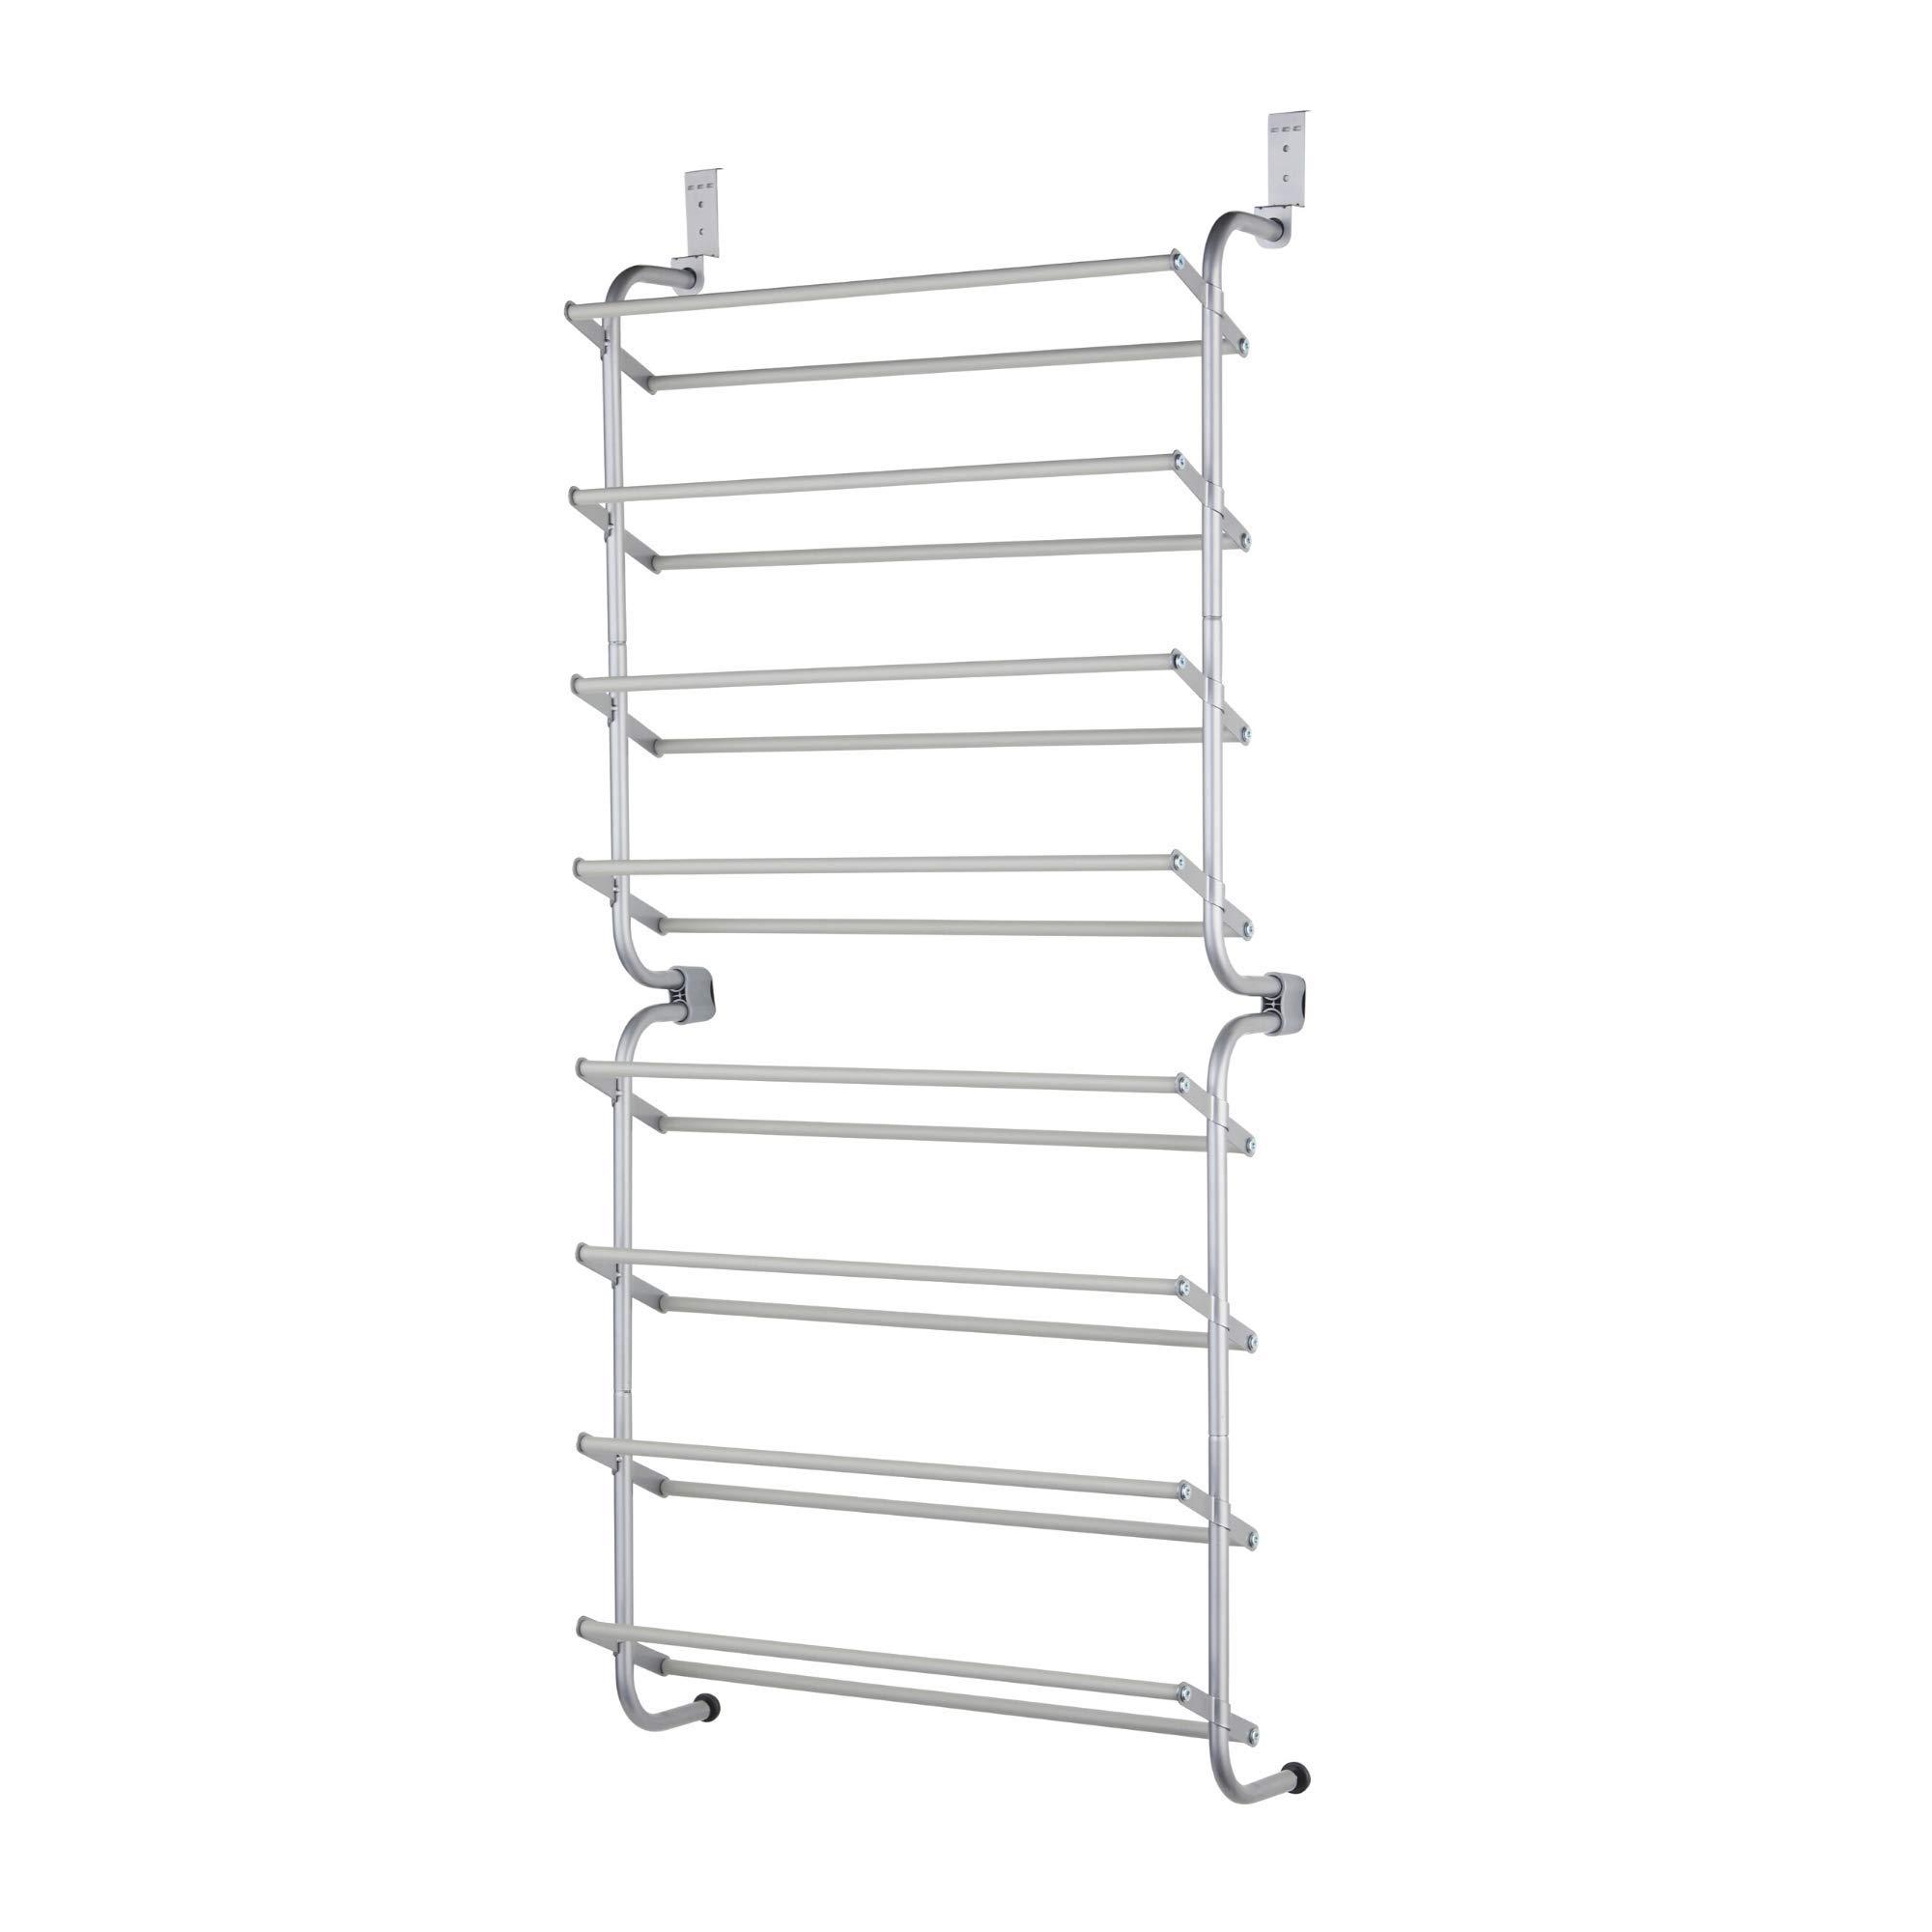 Type A Over the Door Shoe Rack for Closets | Door Shoe Organizer for 24-Pairs of Shoes | For Back of Door Hanging Organization in Closets, Bedroom, Bathroom | Metal